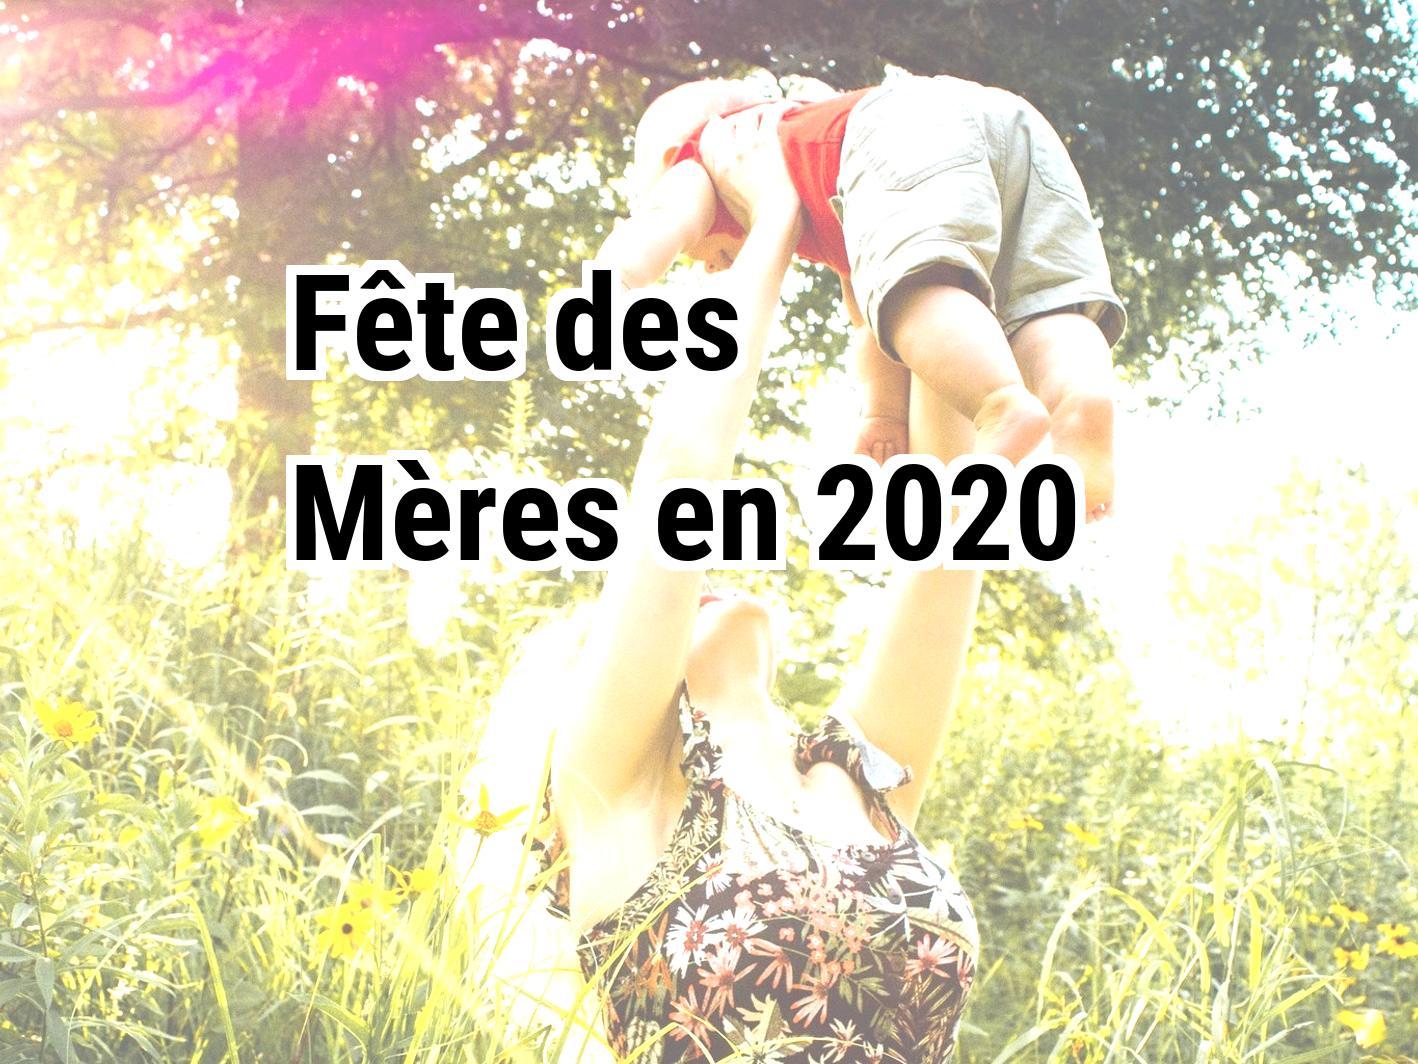 Calendrier 2020 Fete Des Meres.Fete Des Meres 2020 Quand Est Le Fete Des Meres En 2020